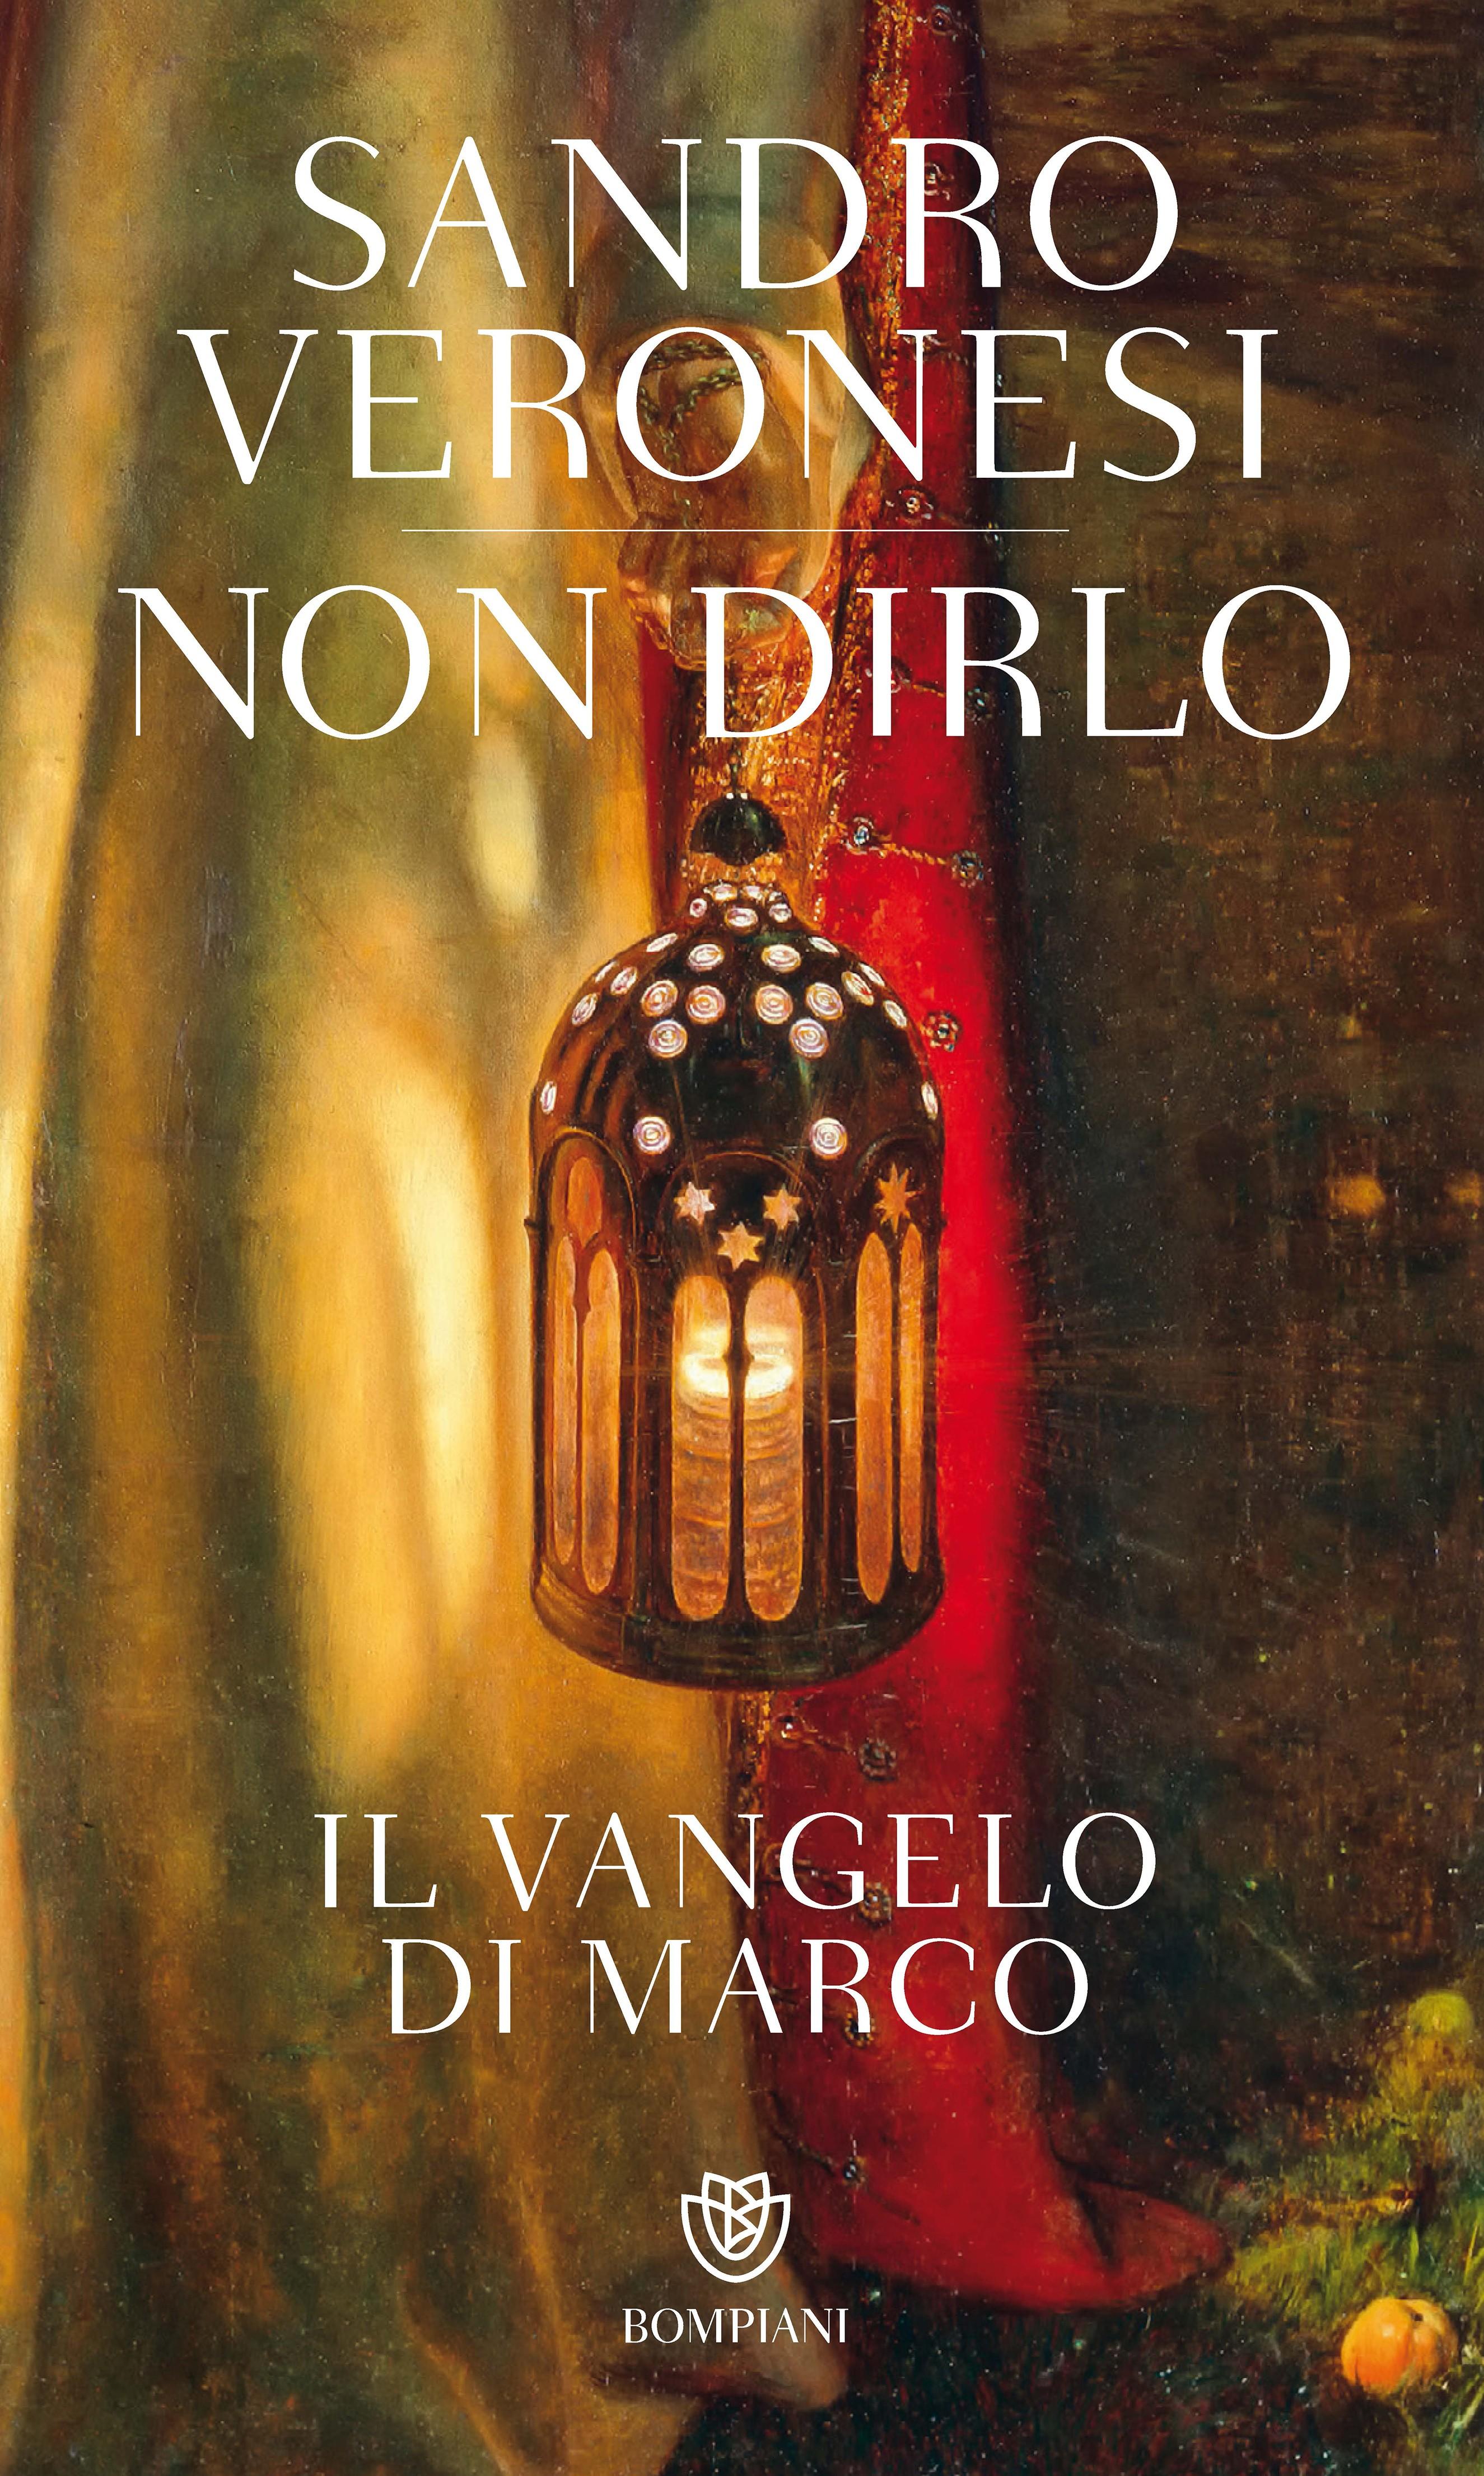 Book Cover Images Api : Non dirlo il vangelo di marco sandro veronesi ebook